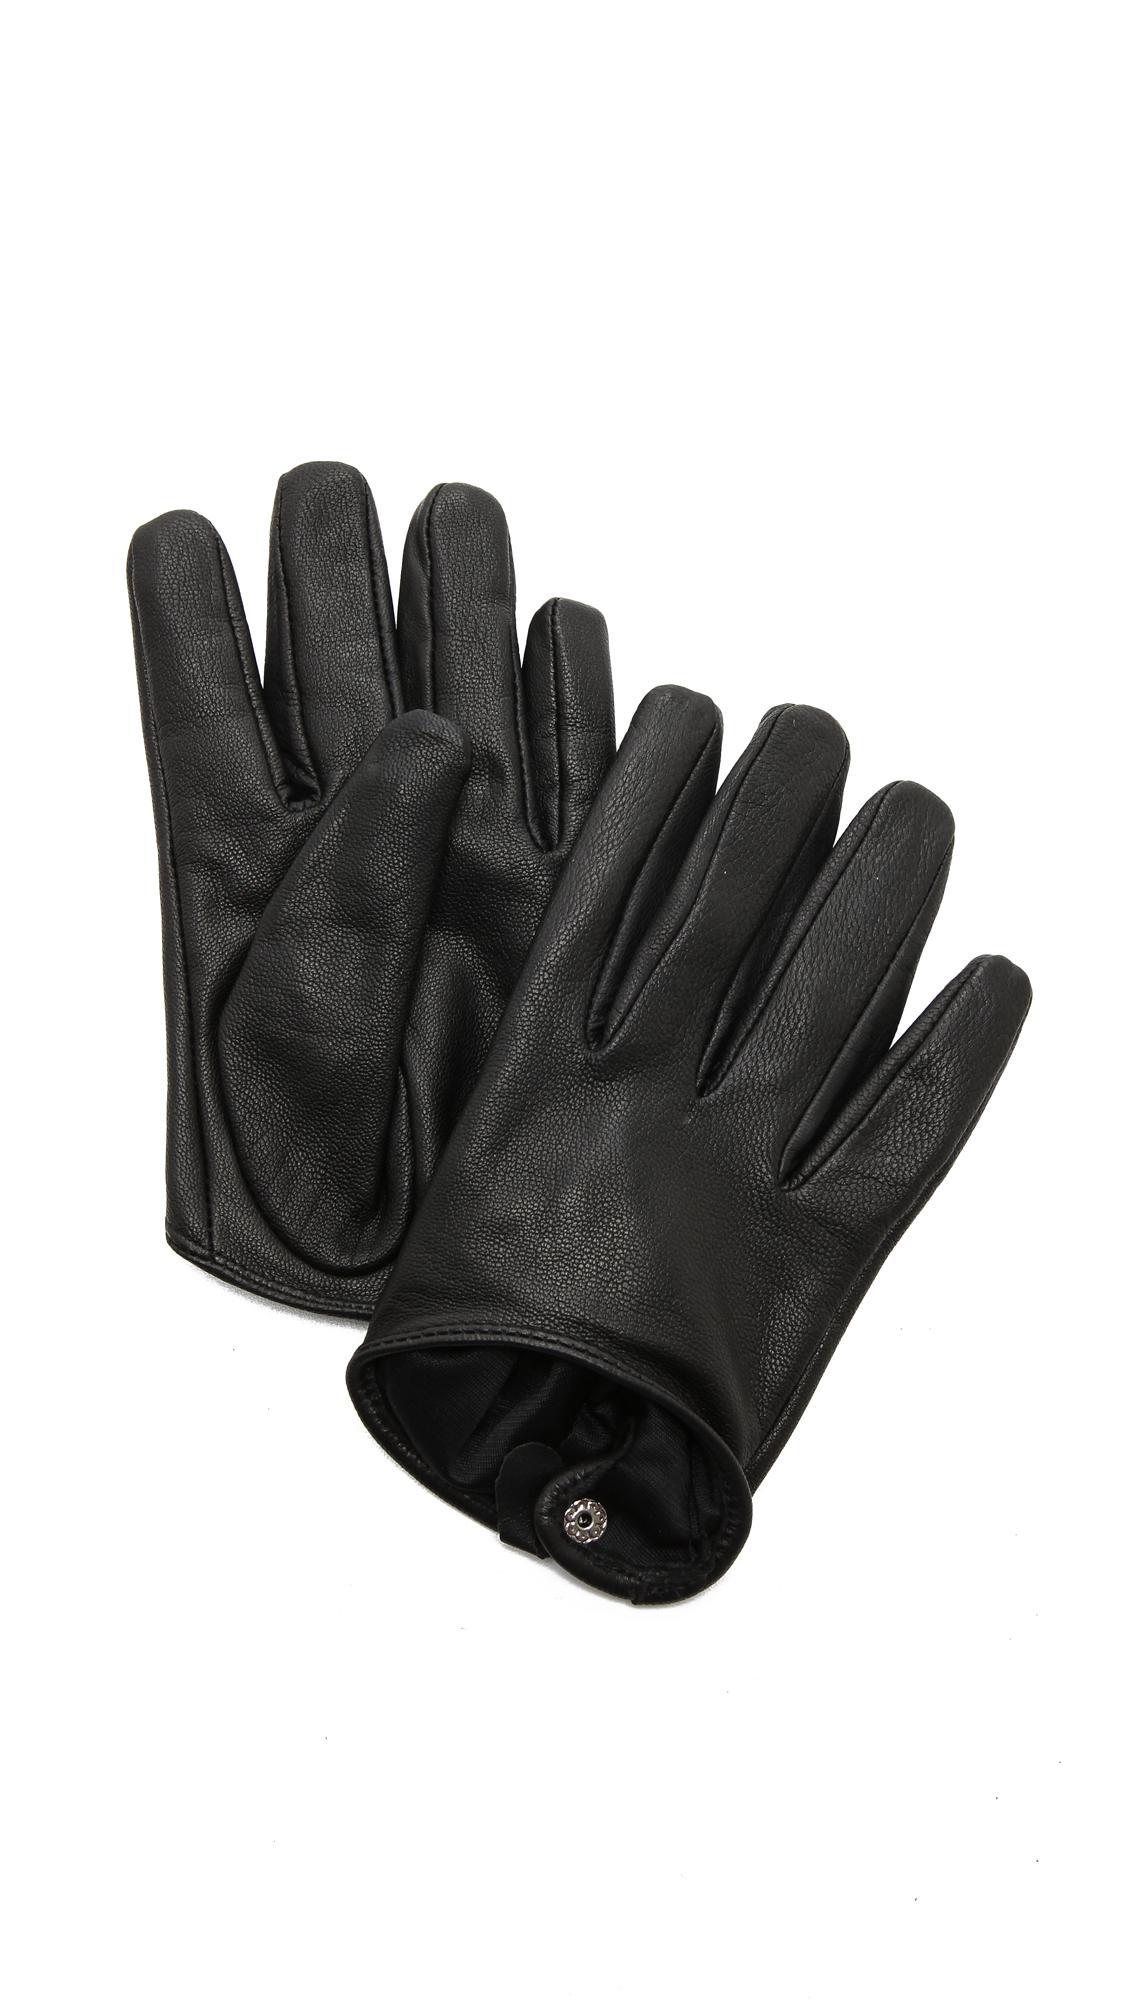 Ladies leather gloves selfridges - Carolina Amato Women S Black Short Leather Gloves